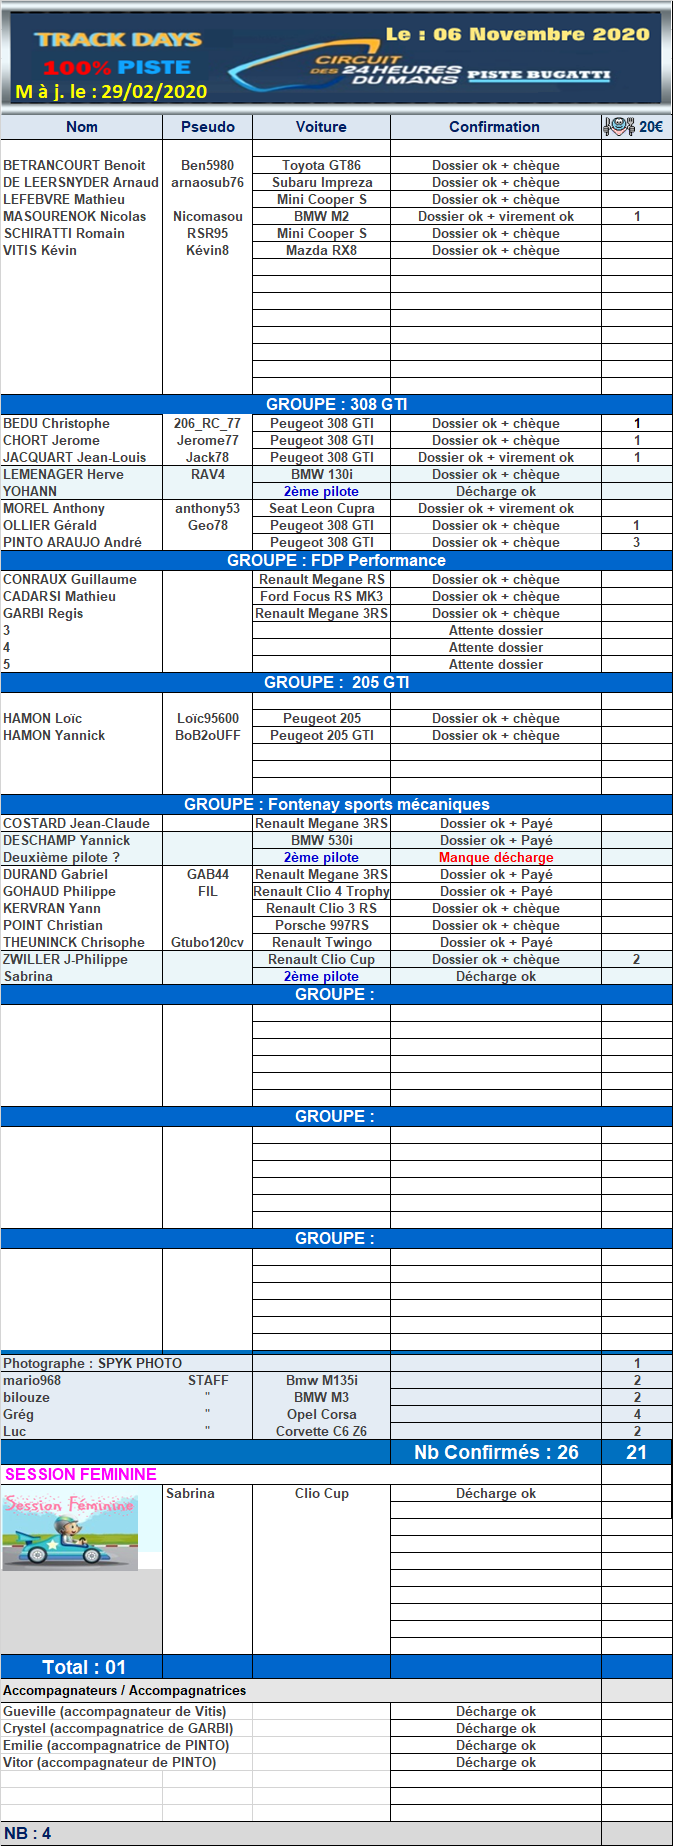 [06 Novembre 2020] 100% PISTE au MANS Bugatti [ANNULE] Suivi-6.11.2020_26-5717e47